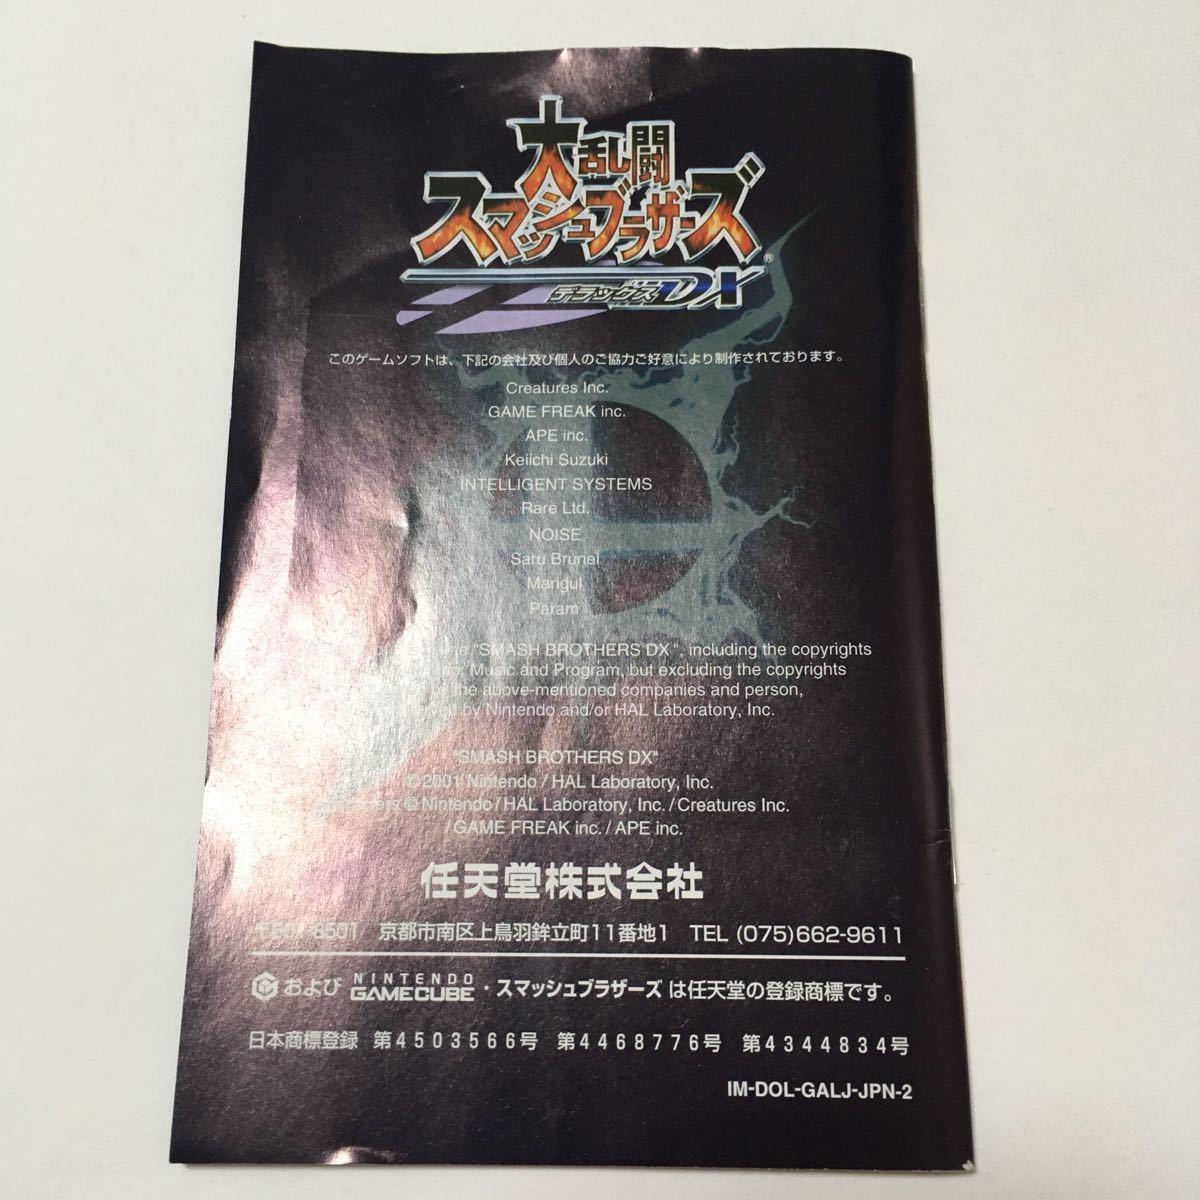 ゲームキューブ ソフト 大乱闘スマッシュブラザーズDX 動作確認済み レトロ ゲーム スマブラ マリオ ピカチュウ ゼルダ